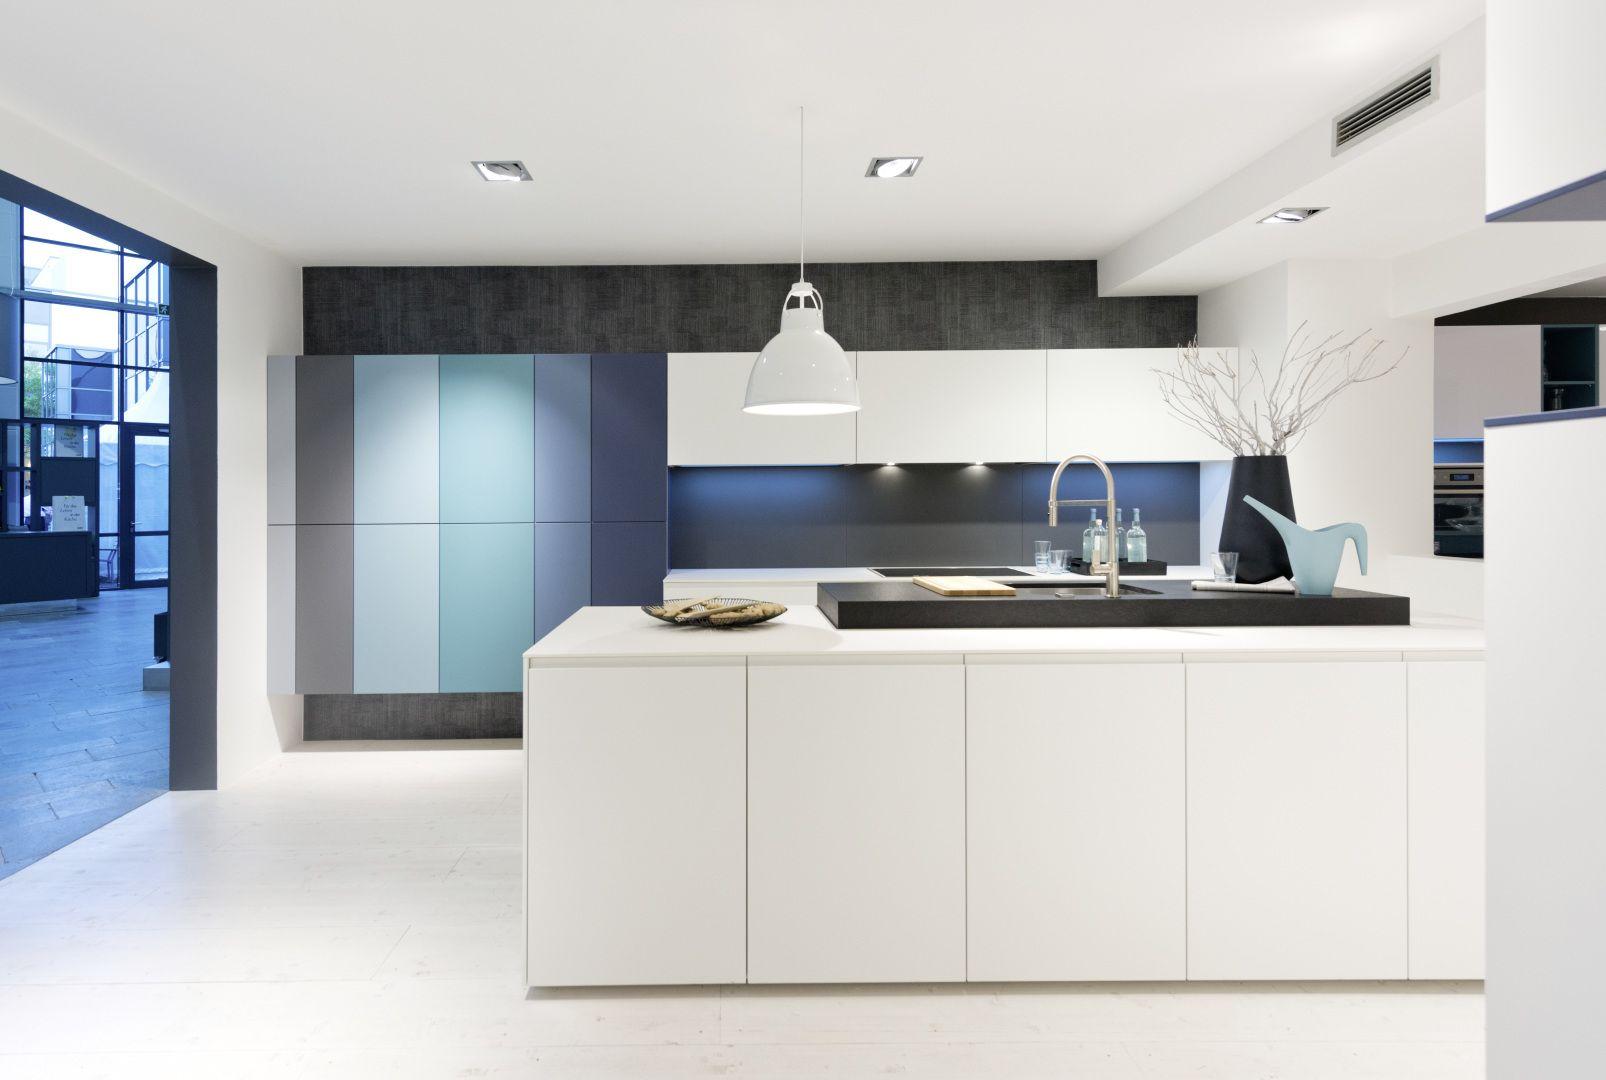 Kuchnia NOLTE w stylu minimalistycznym kuchnia - biel z akcentem ... | {Nolte küchen grifflos 25}